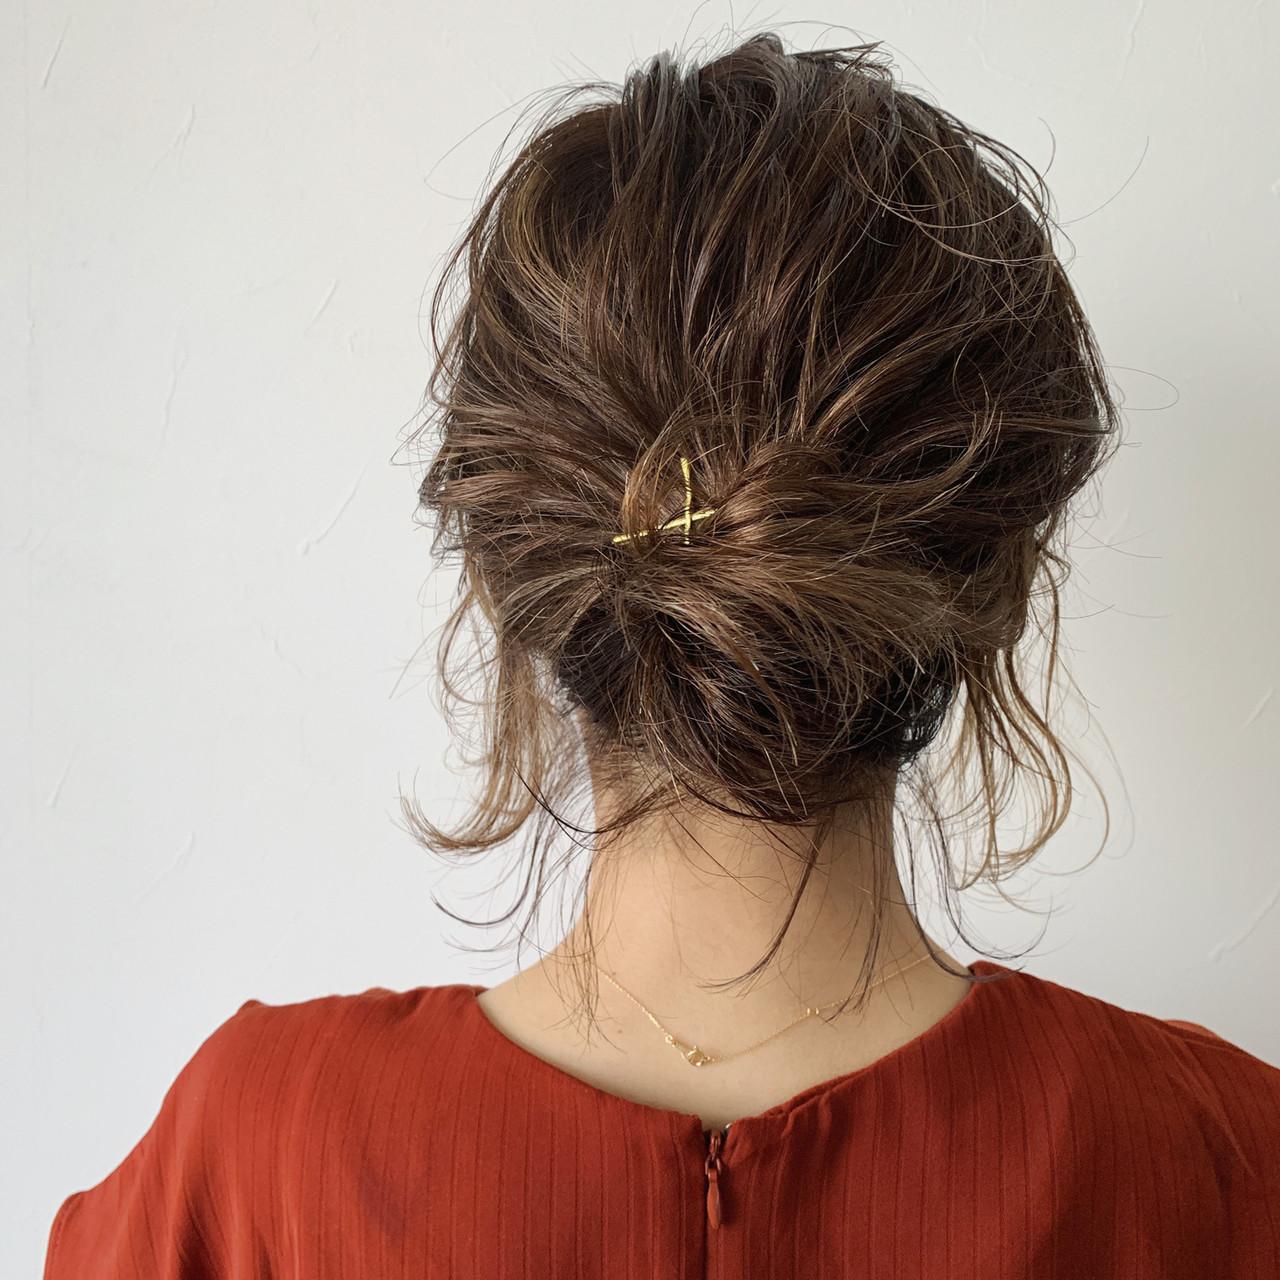 ナチュラル ヘアアレンジ ボブ デートヘアスタイルや髪型の写真・画像